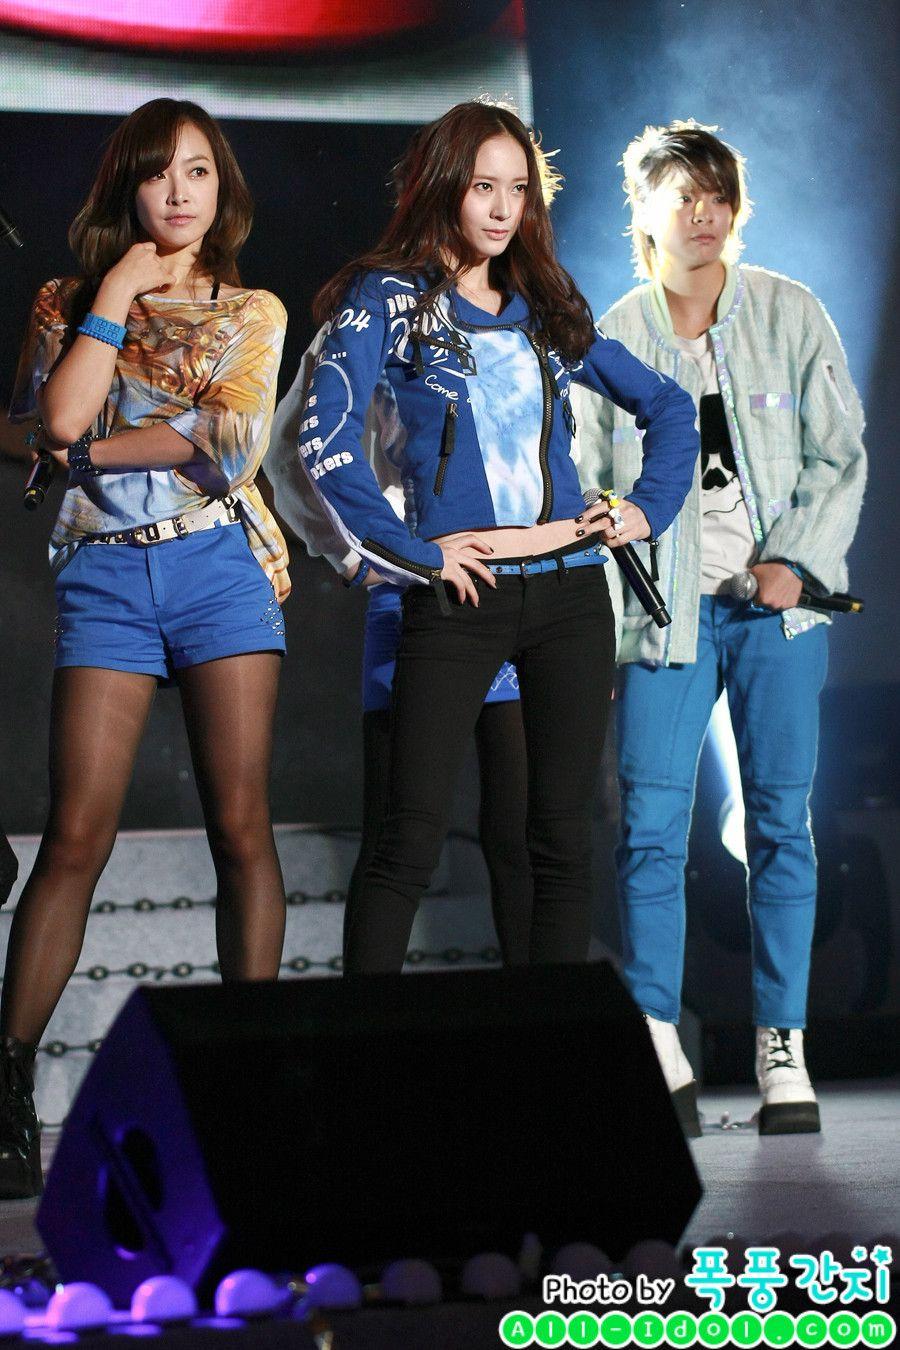 f(x) - Victoria, Krystal & Amber